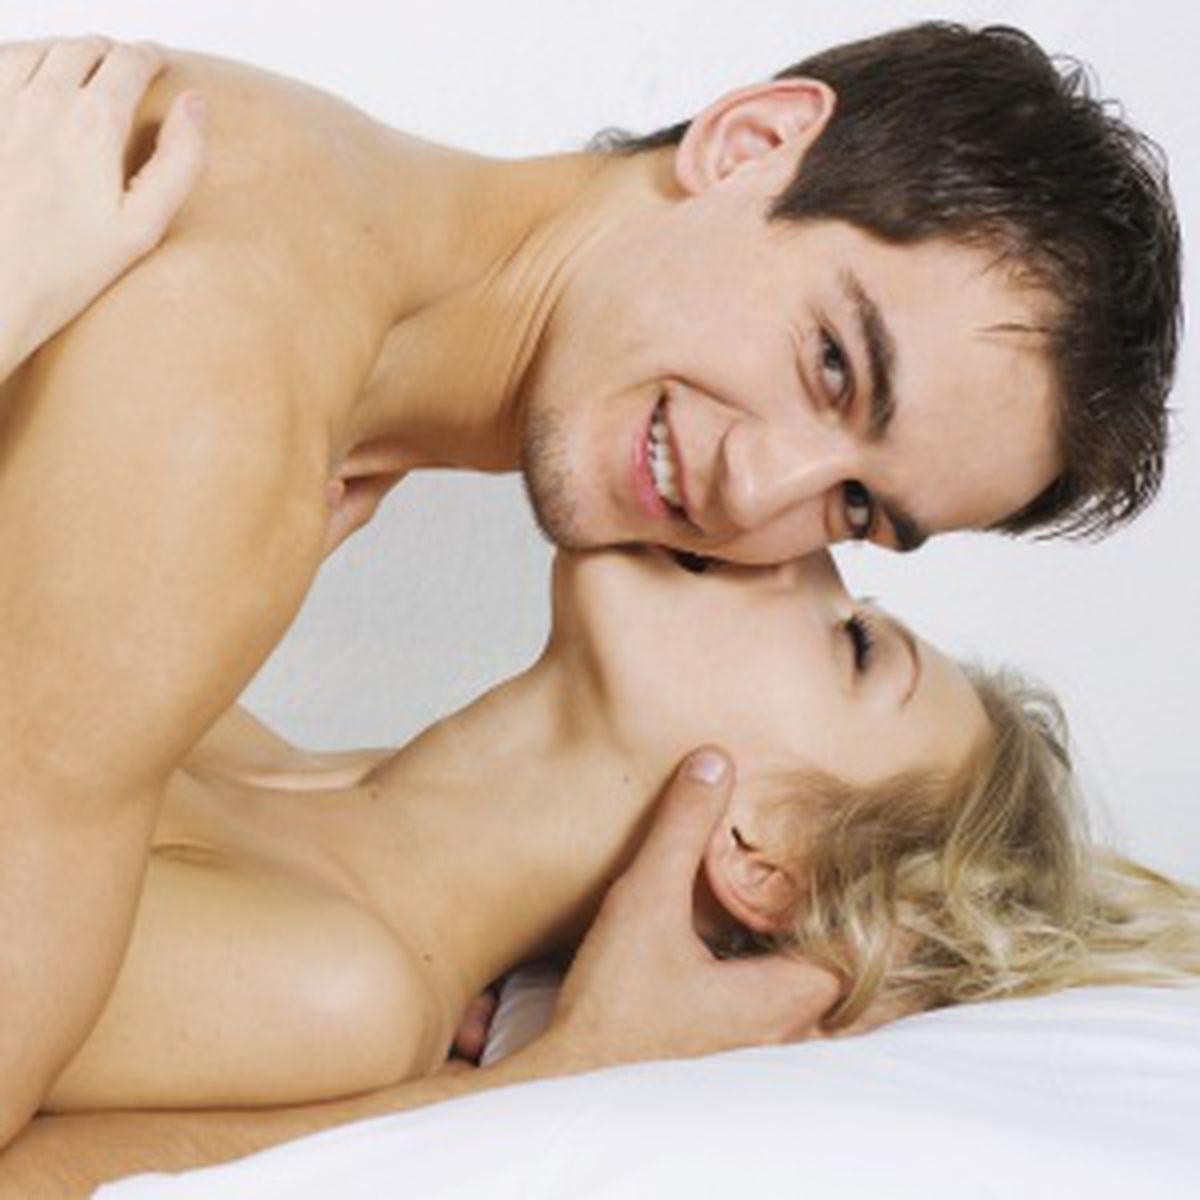 erecția nocturnă scade este posibil să crească grosimea penisului